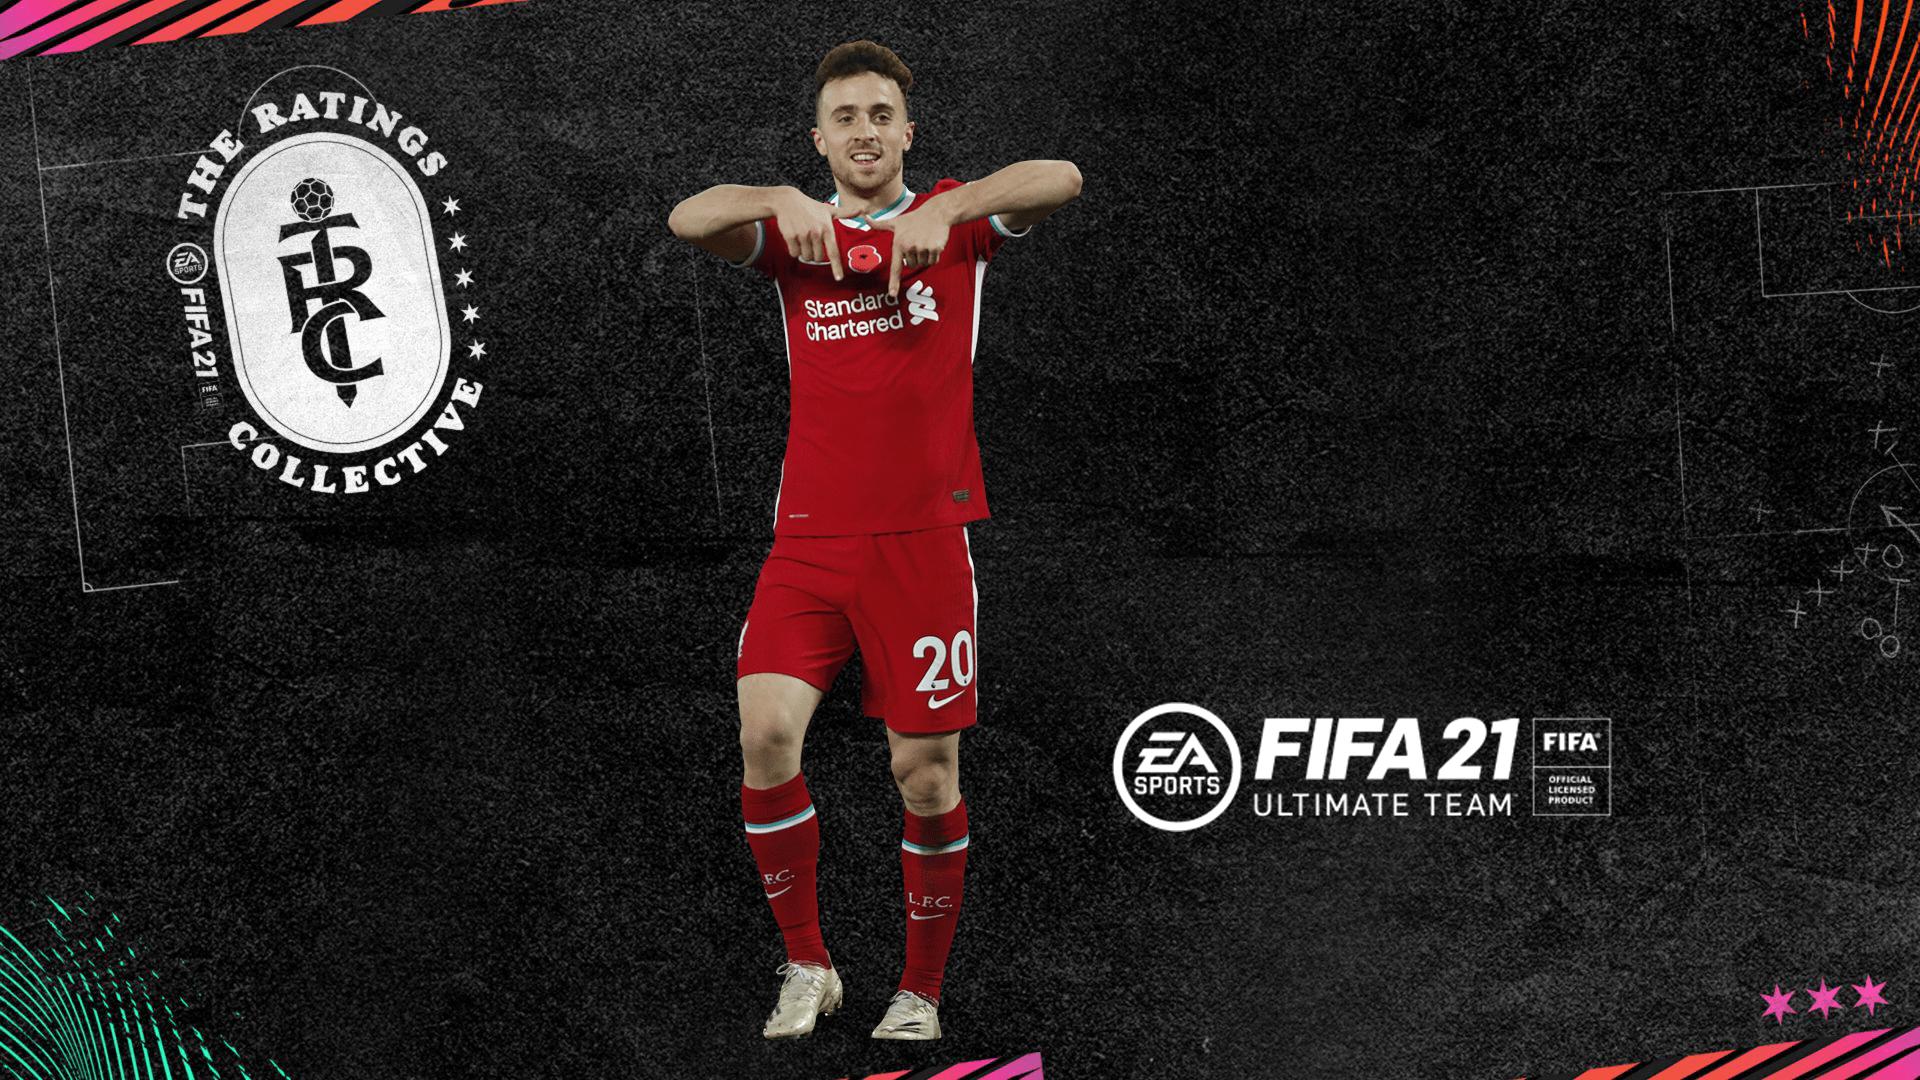 «Ливерпулец» Диогу Жота стал чемпионом FIFA 21 на PlayStation, словно наград от УЕФА ему мало